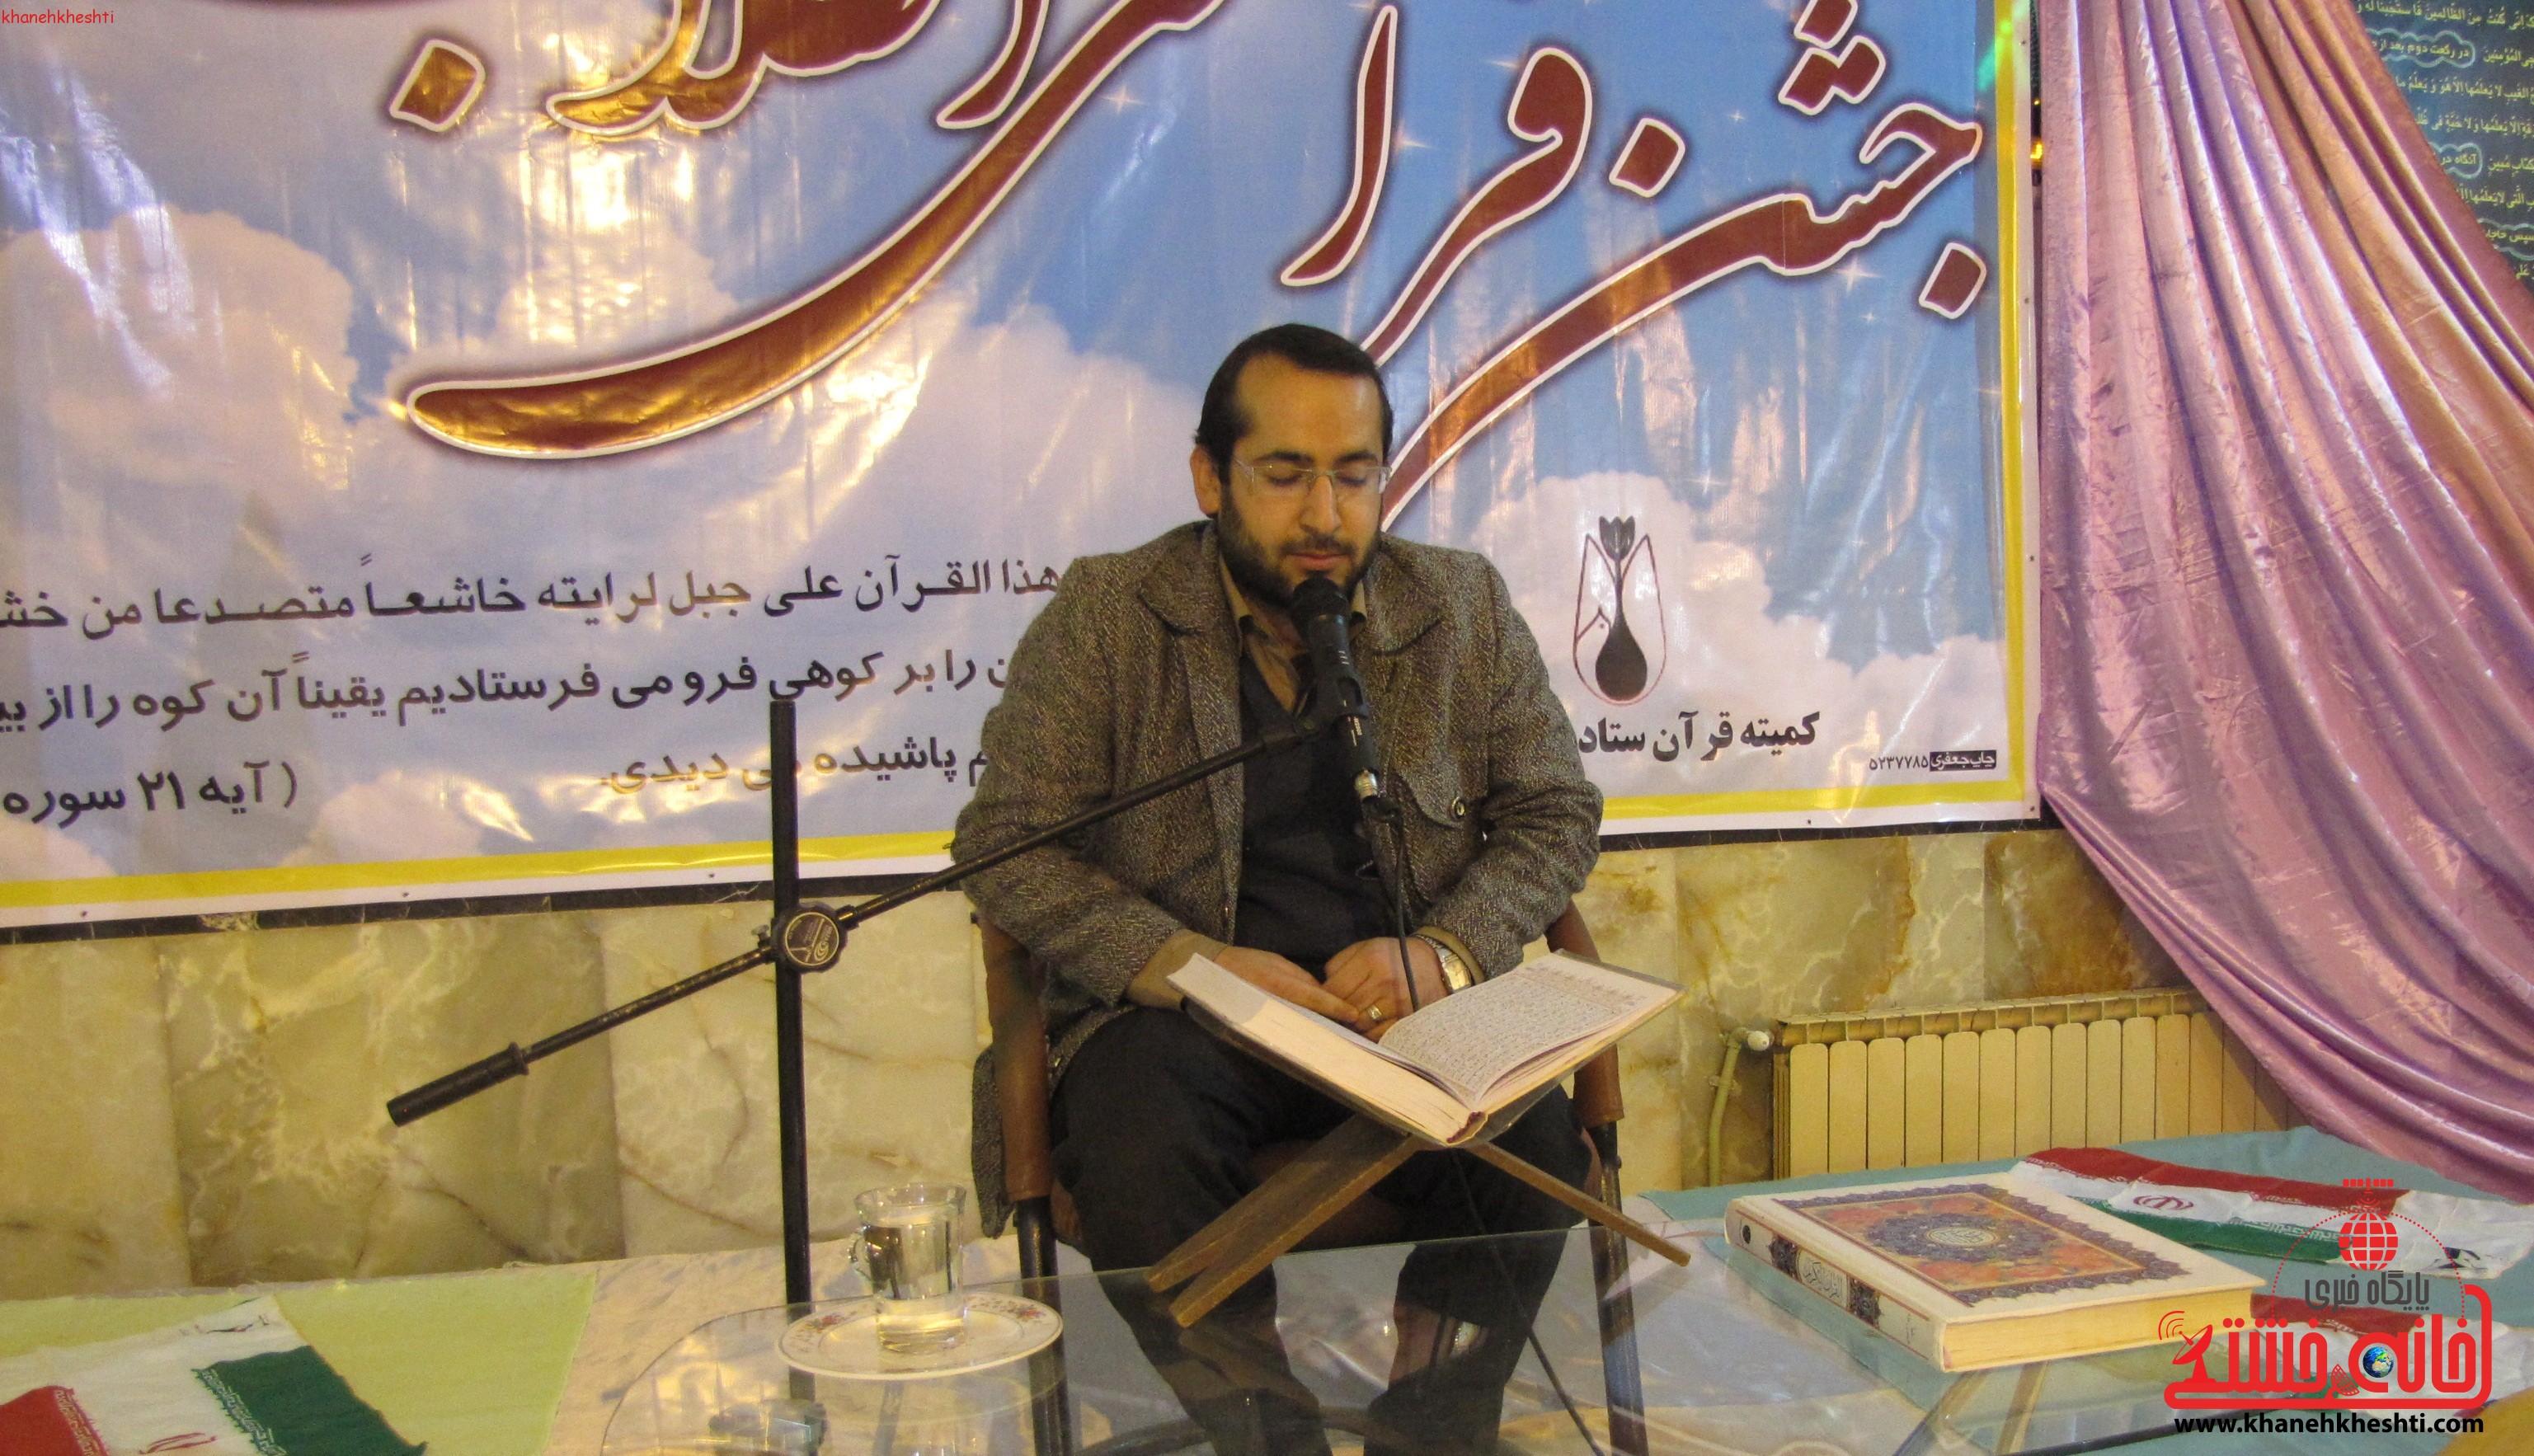 جلسات قرائت تخصصی آموزش صوت و لحن قرآن کریم در رفسنجان برگزار می شود